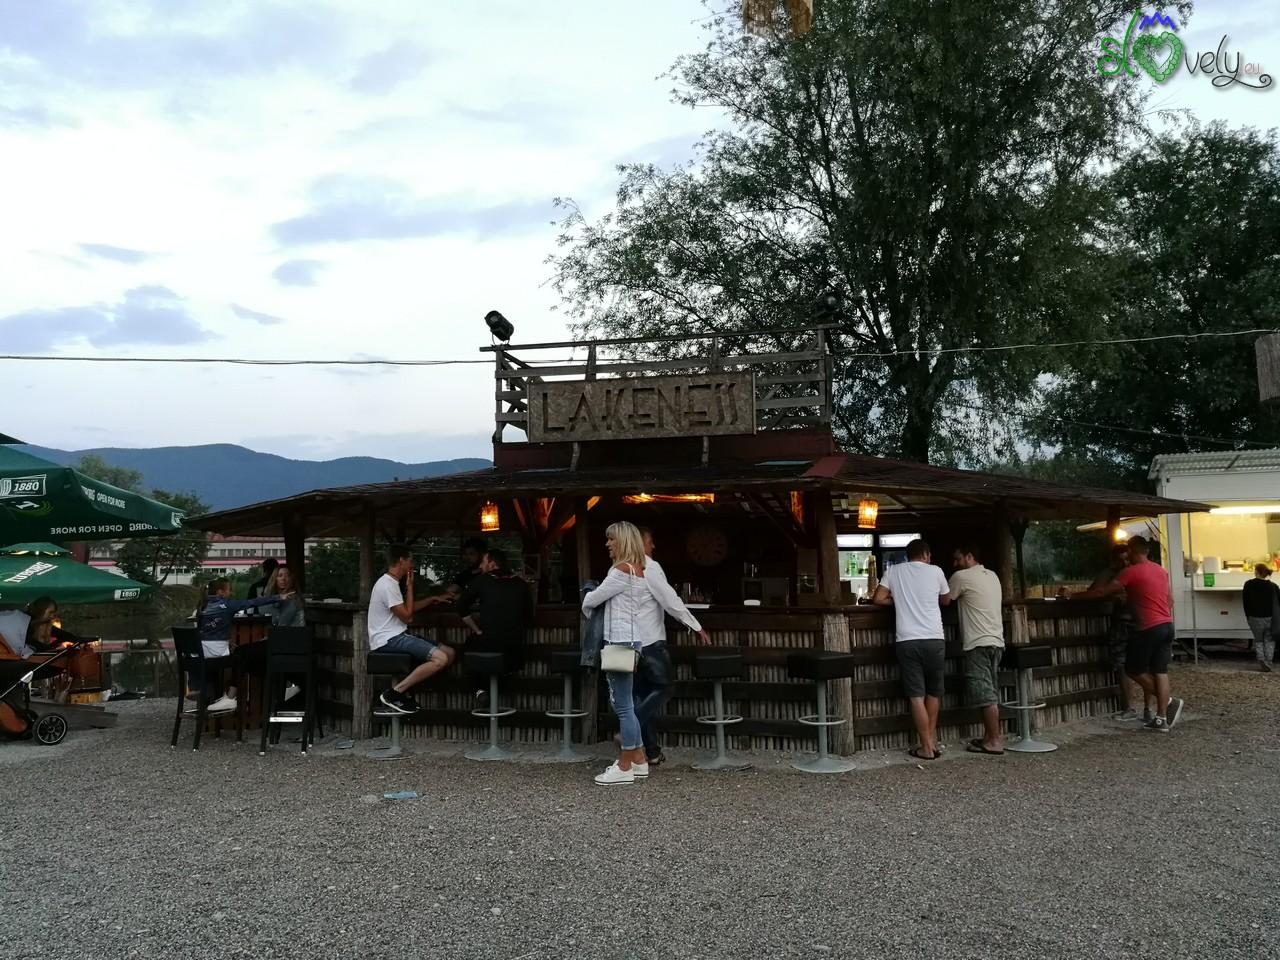 Il bar Lakeness a Volčja Draga